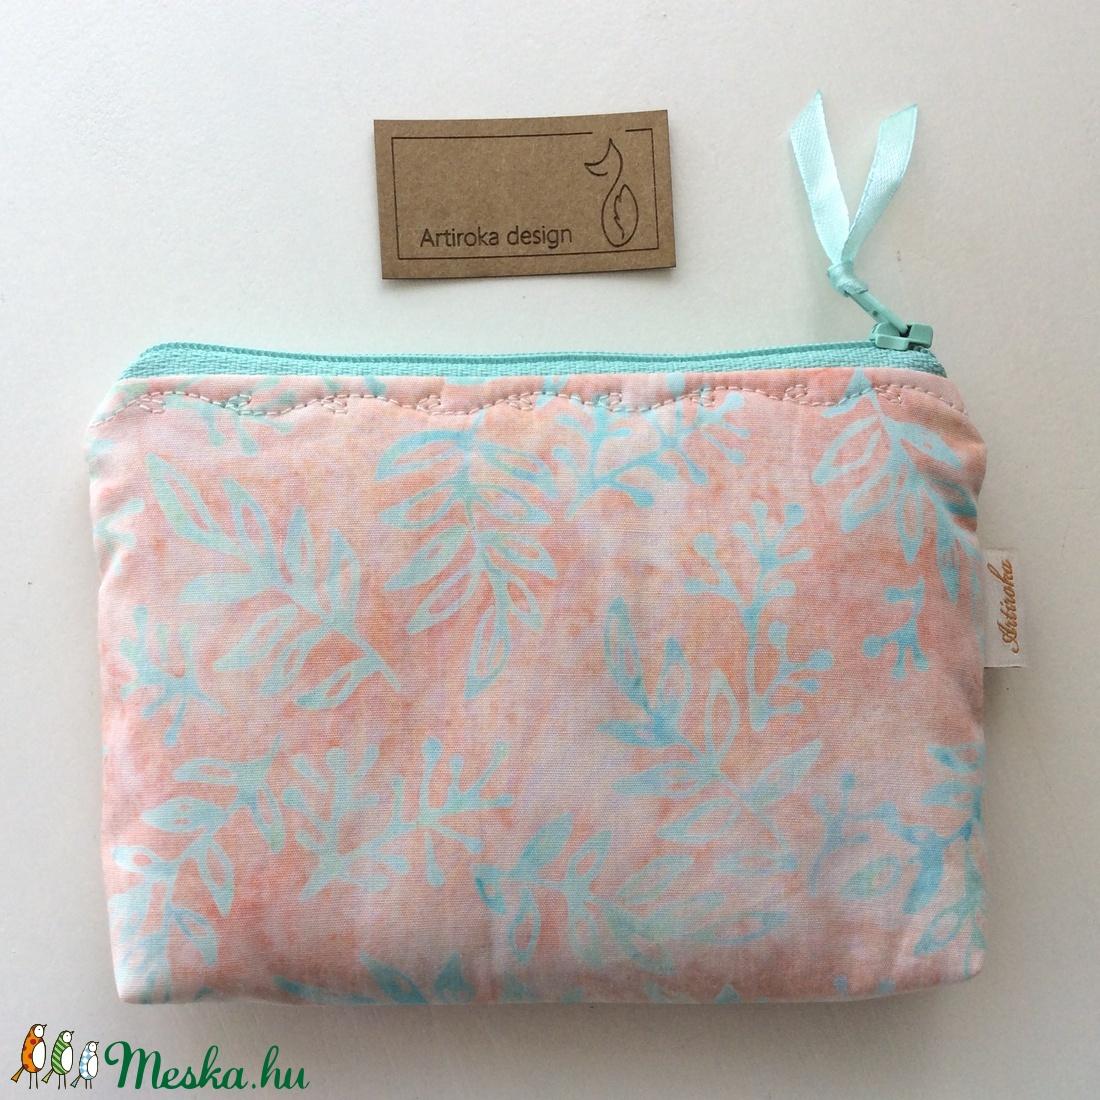 Levél mintás, pasztell rózsaszín és menta szinű, különleges batikolt irattartó pénztárca, neszesszer, kozmetikai táska  -  - Meska.hu